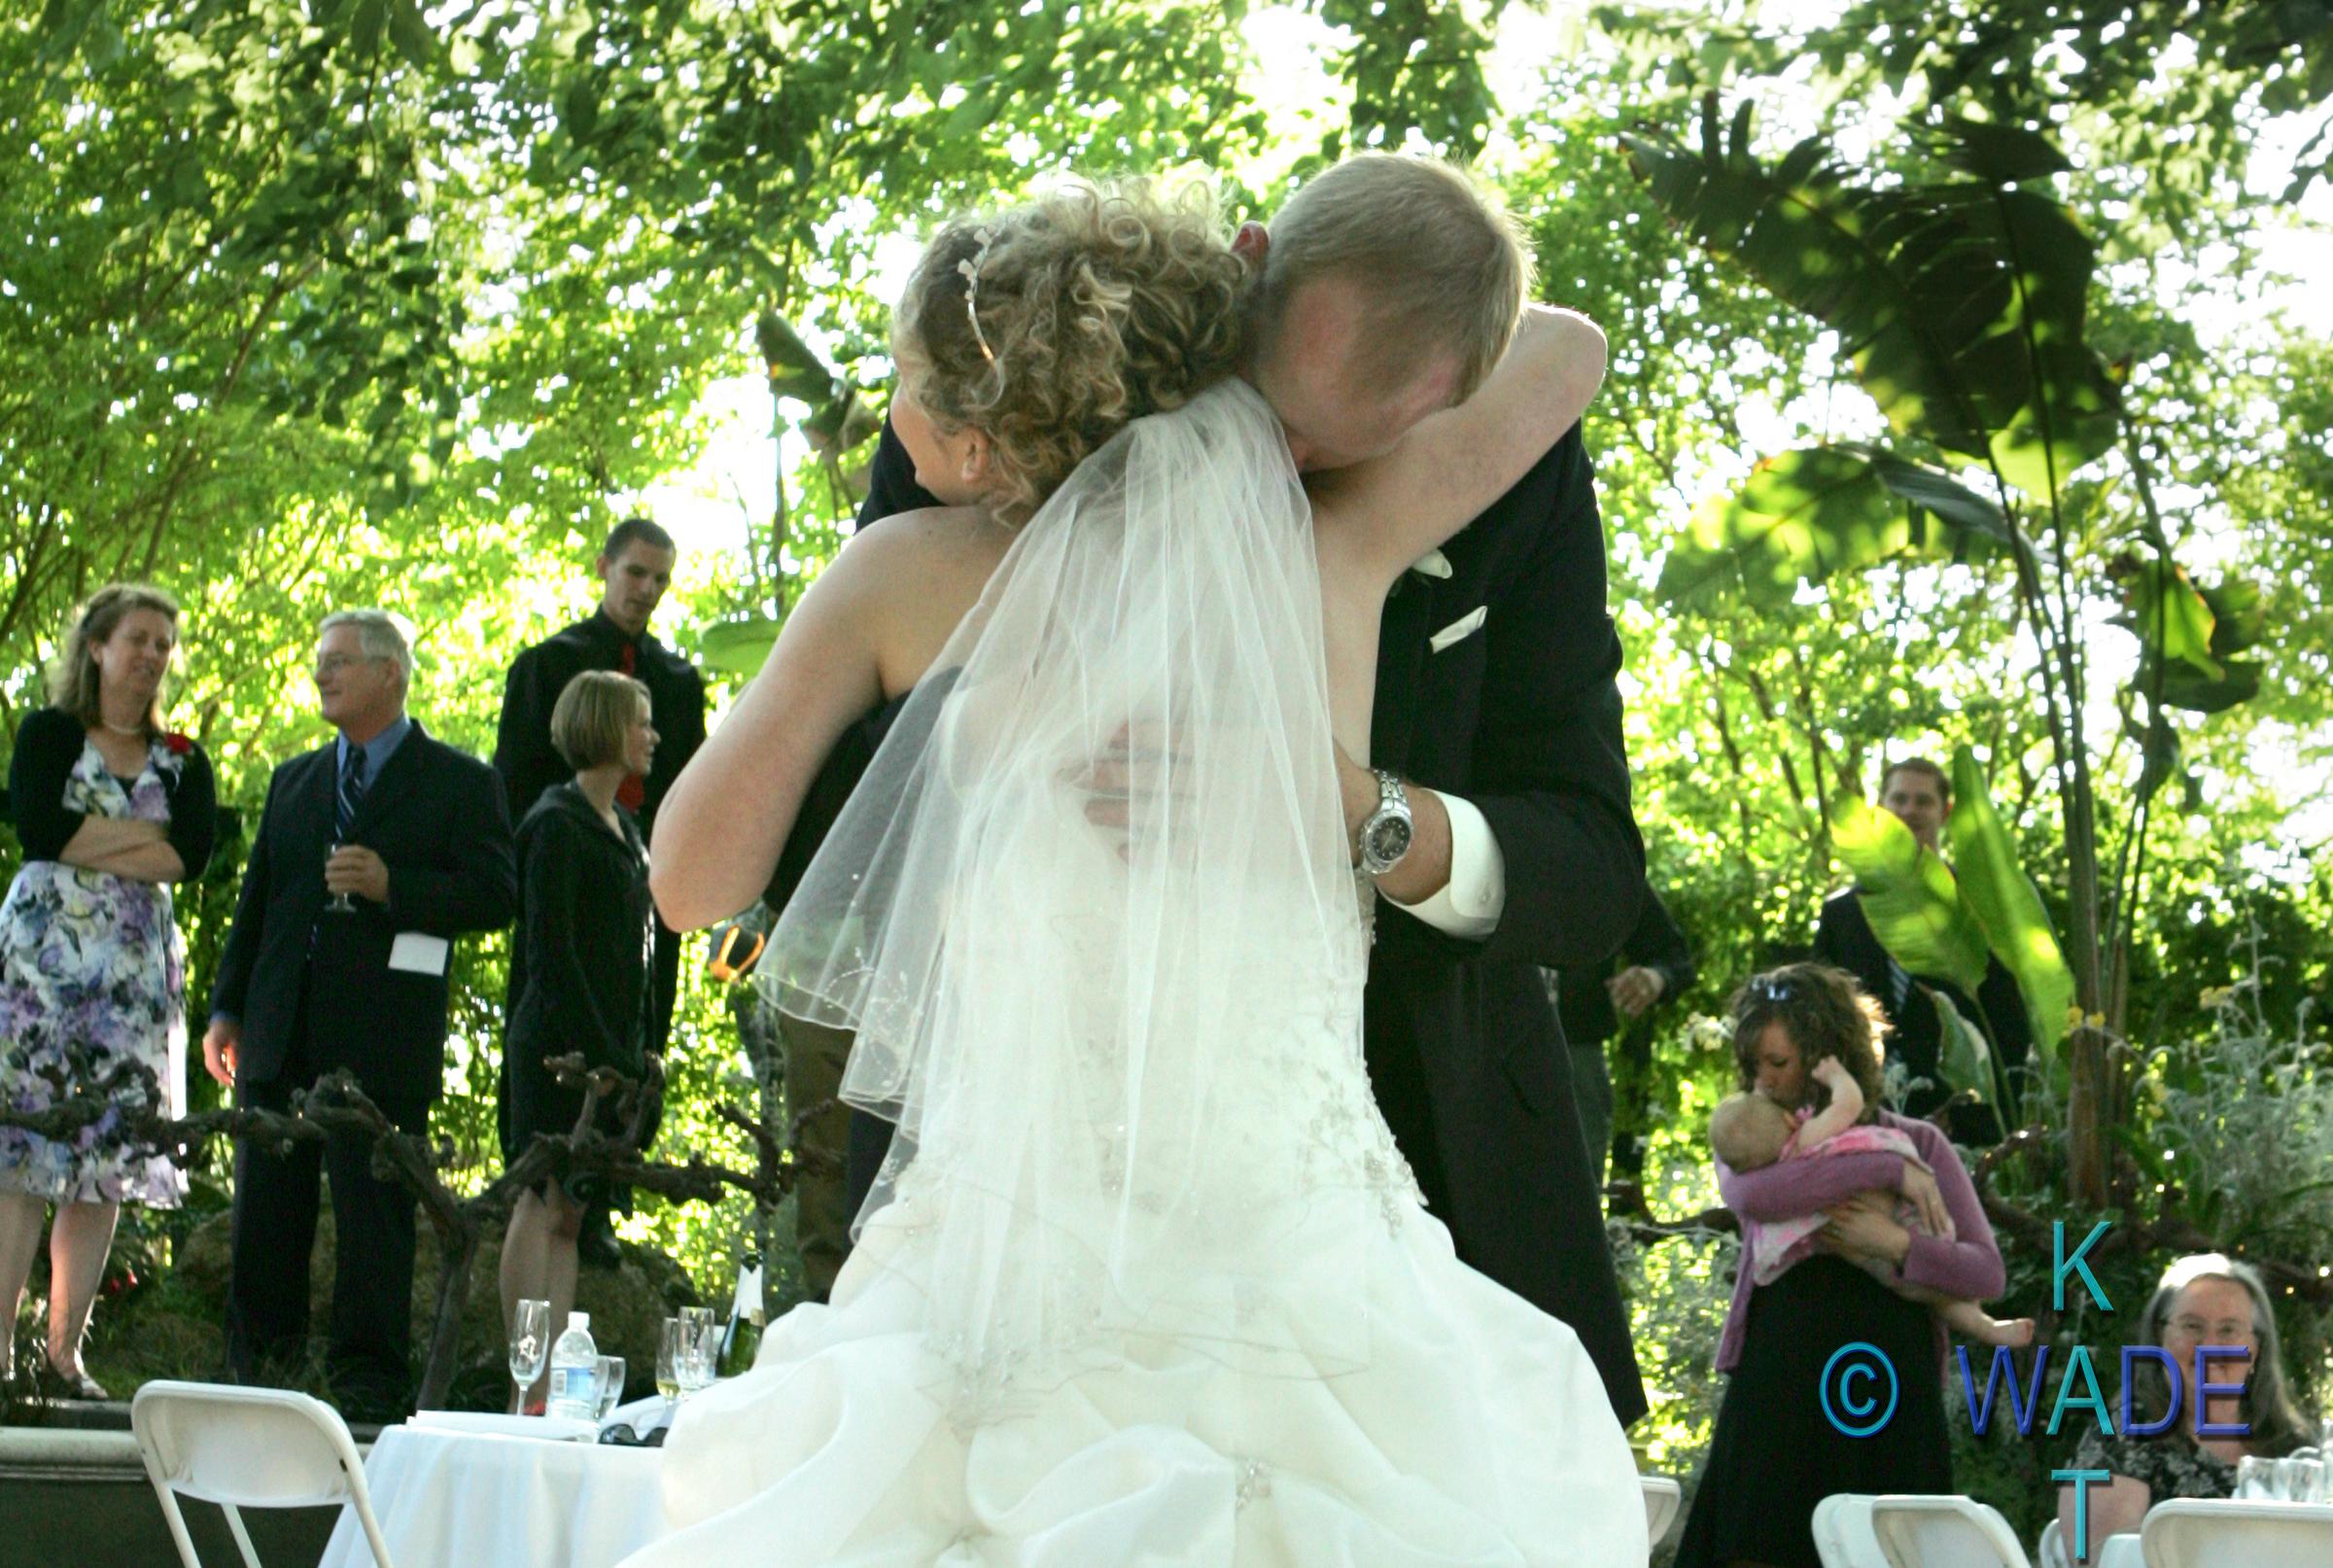 AMANDA_and_JON_Wedding_426_KatWade